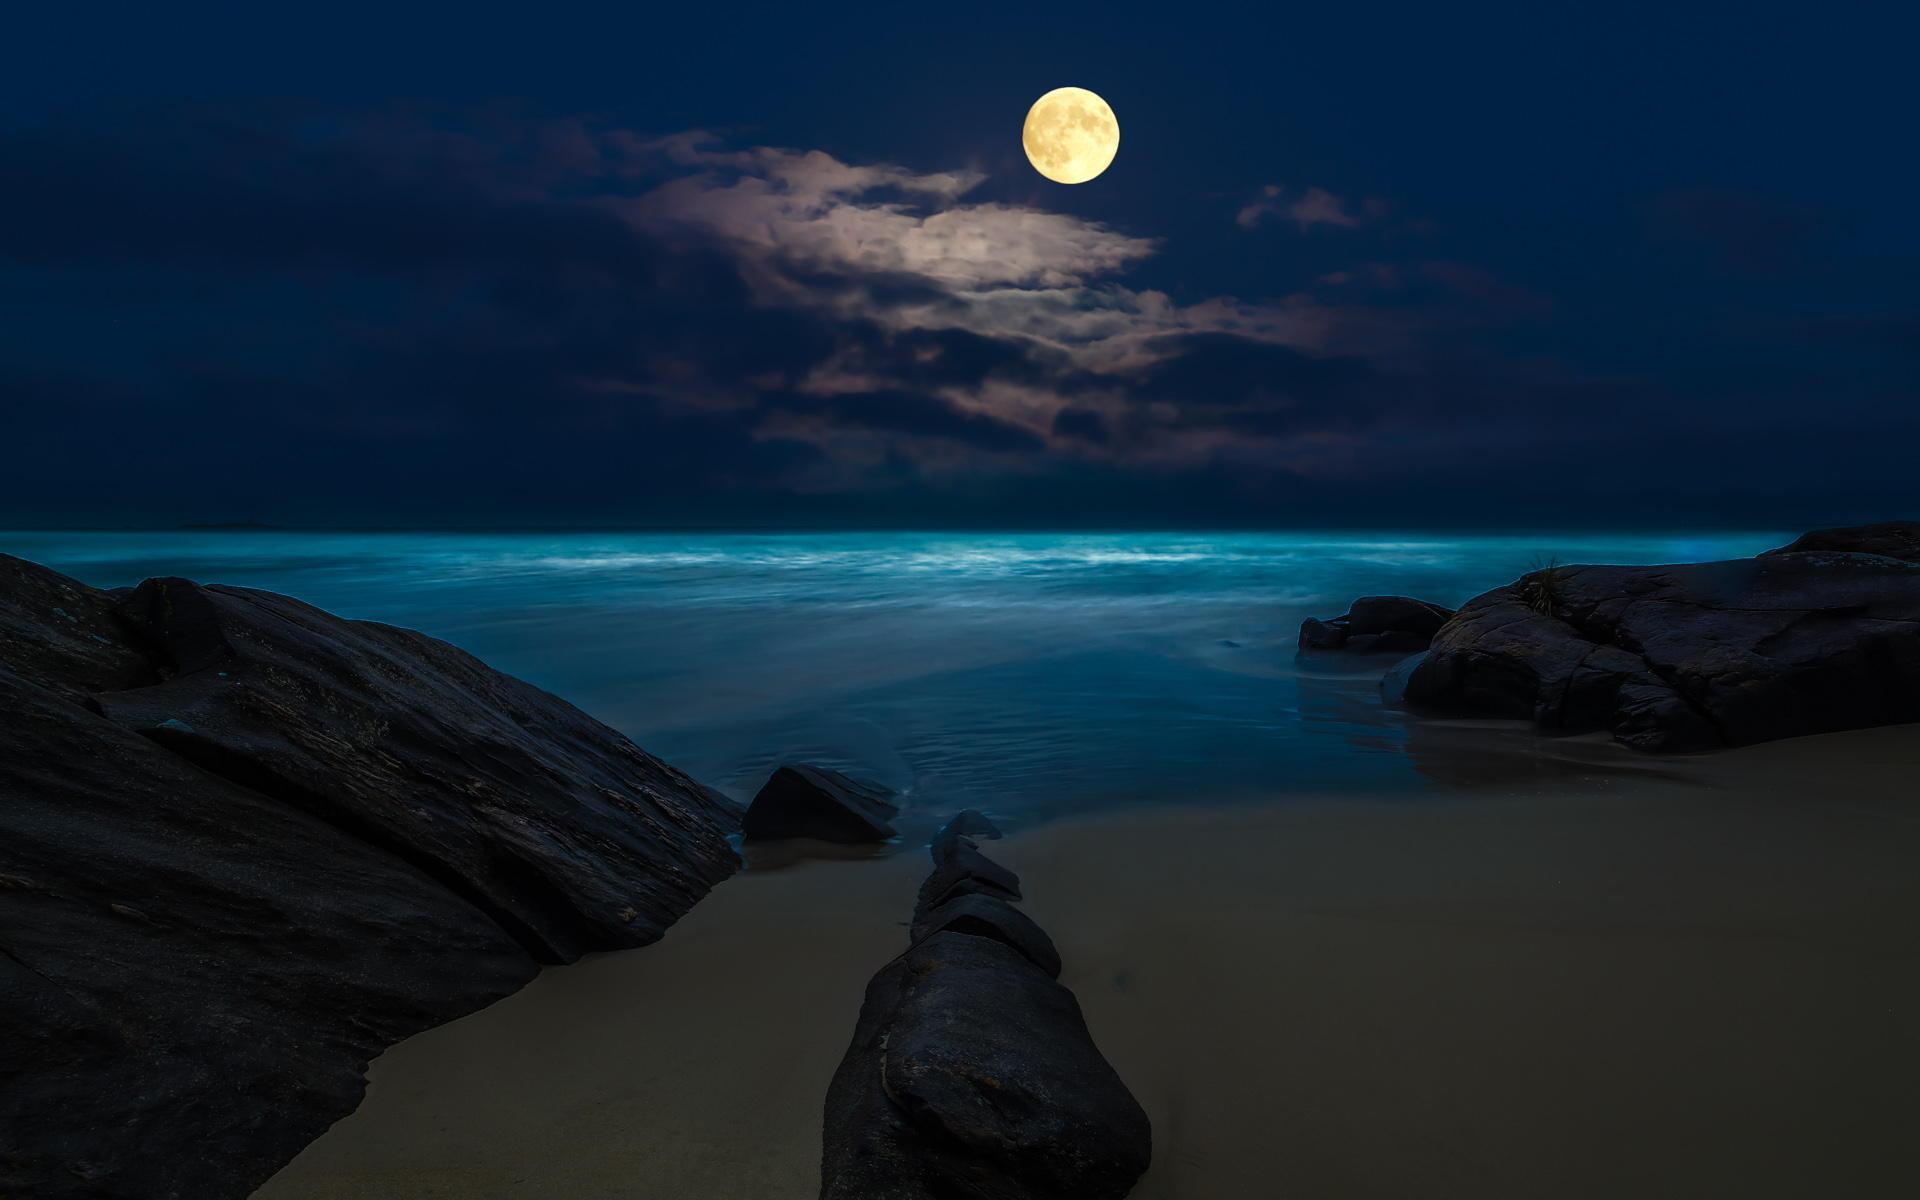 весна пляж и луна фото орбакайте удивила